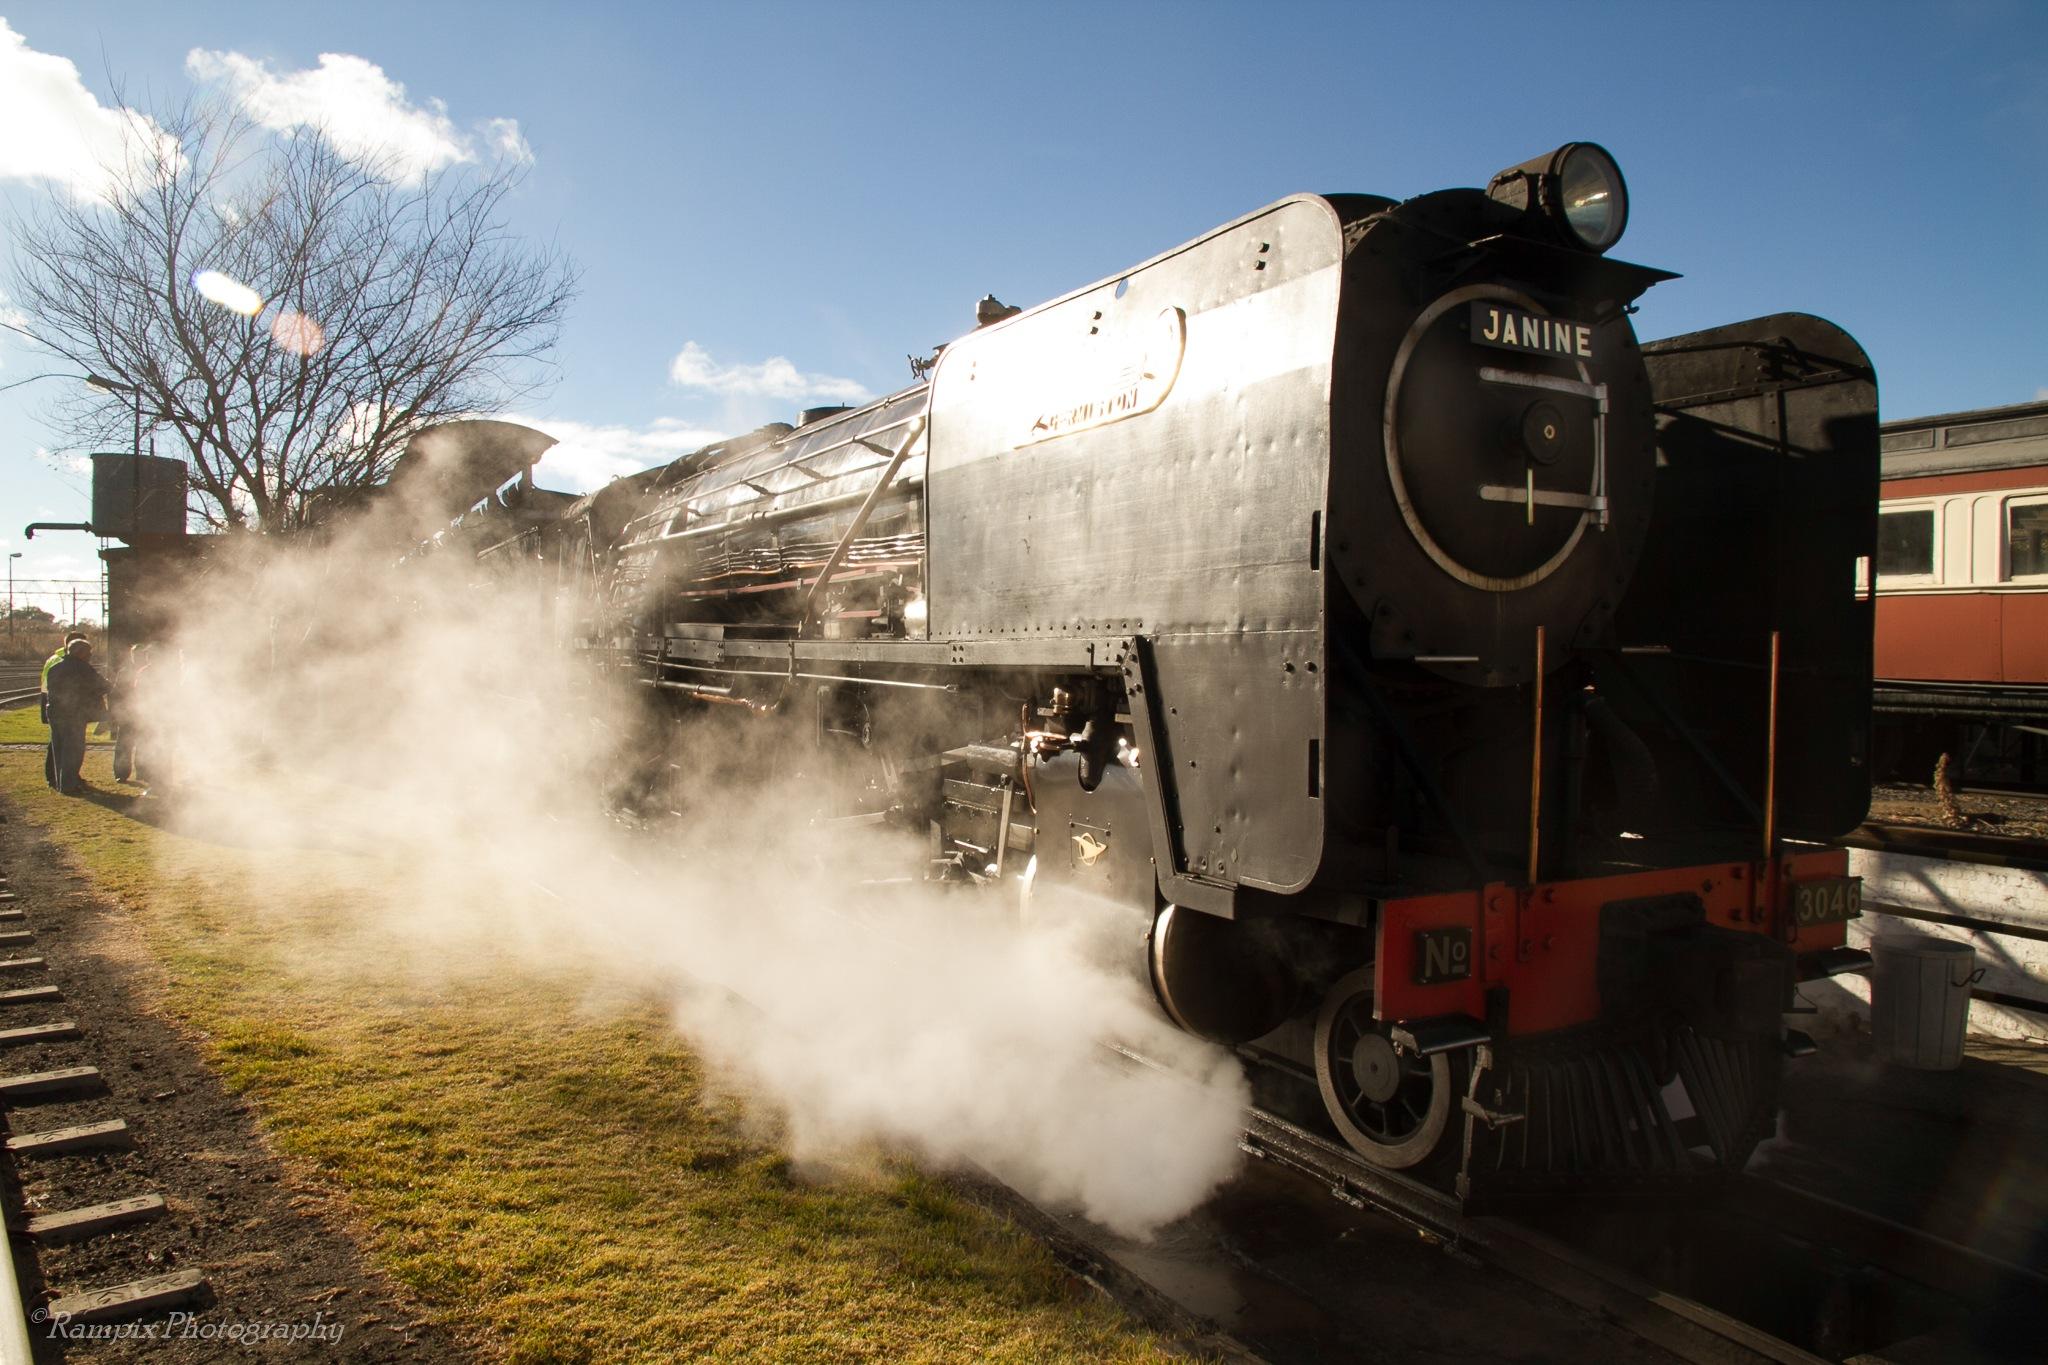 Steamtrain by Rampix